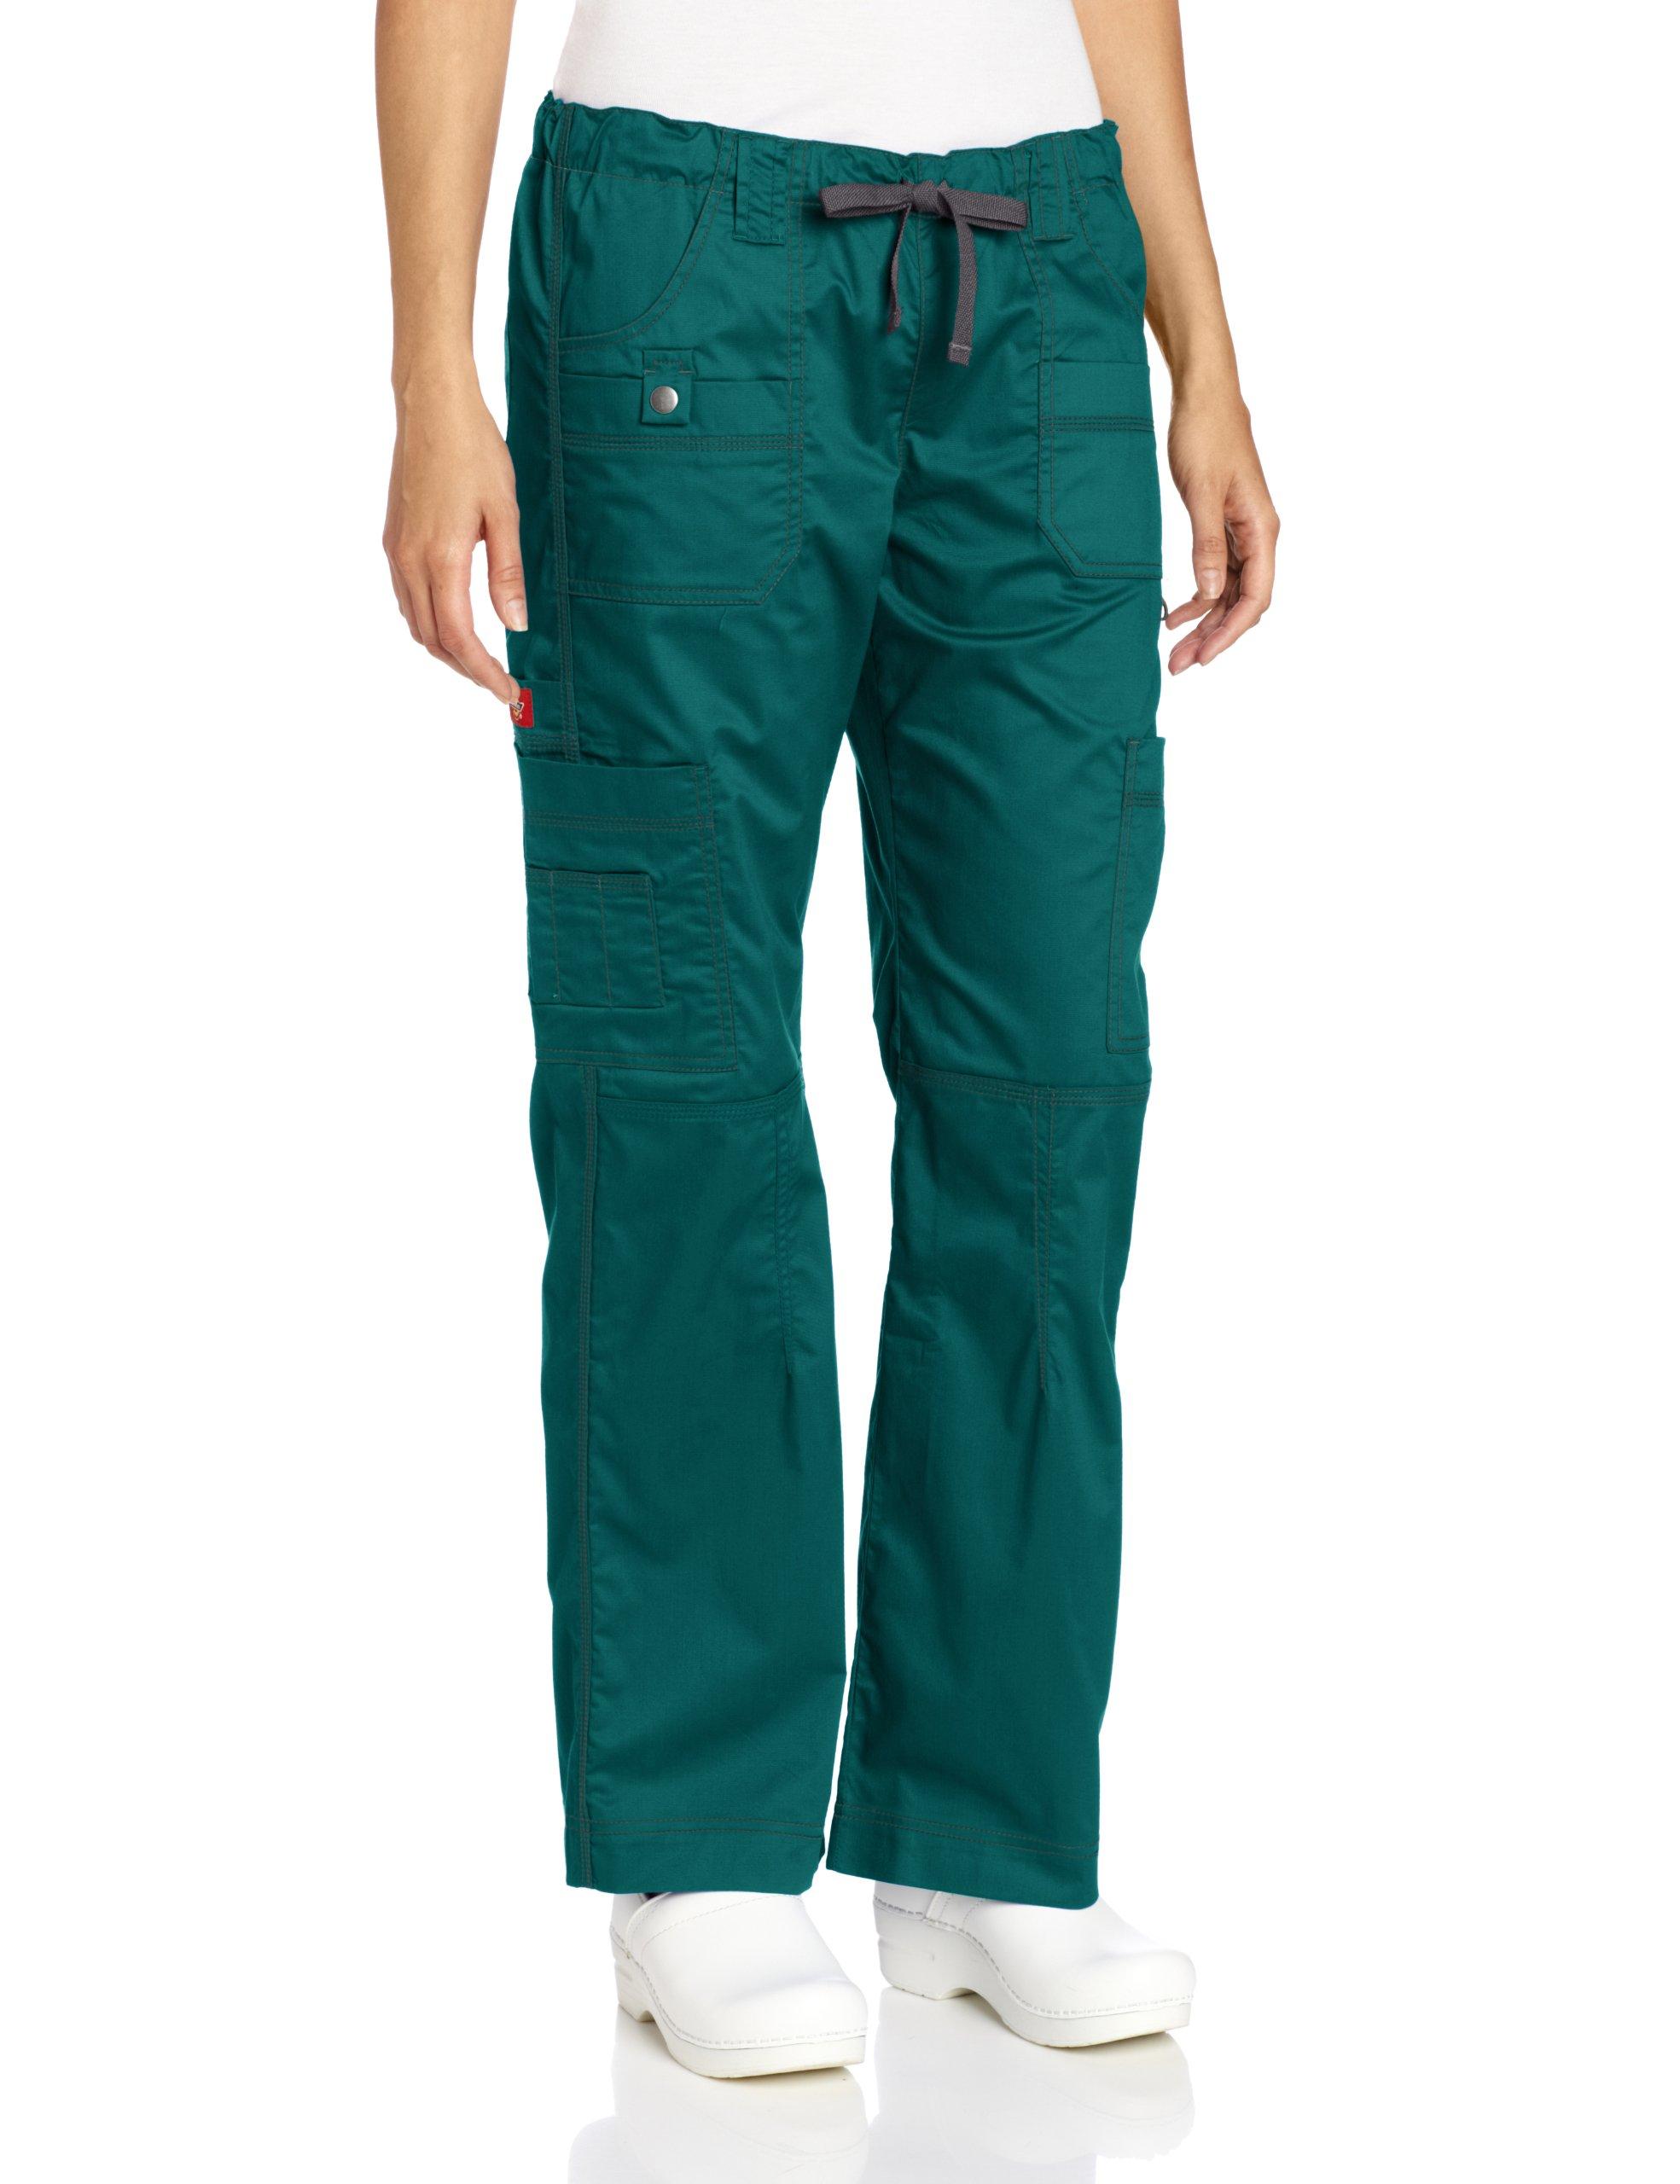 Dickies Women's Plus GenFlex Cargo Scrubs Pant, Hunter, XX-Large Petite by dickies